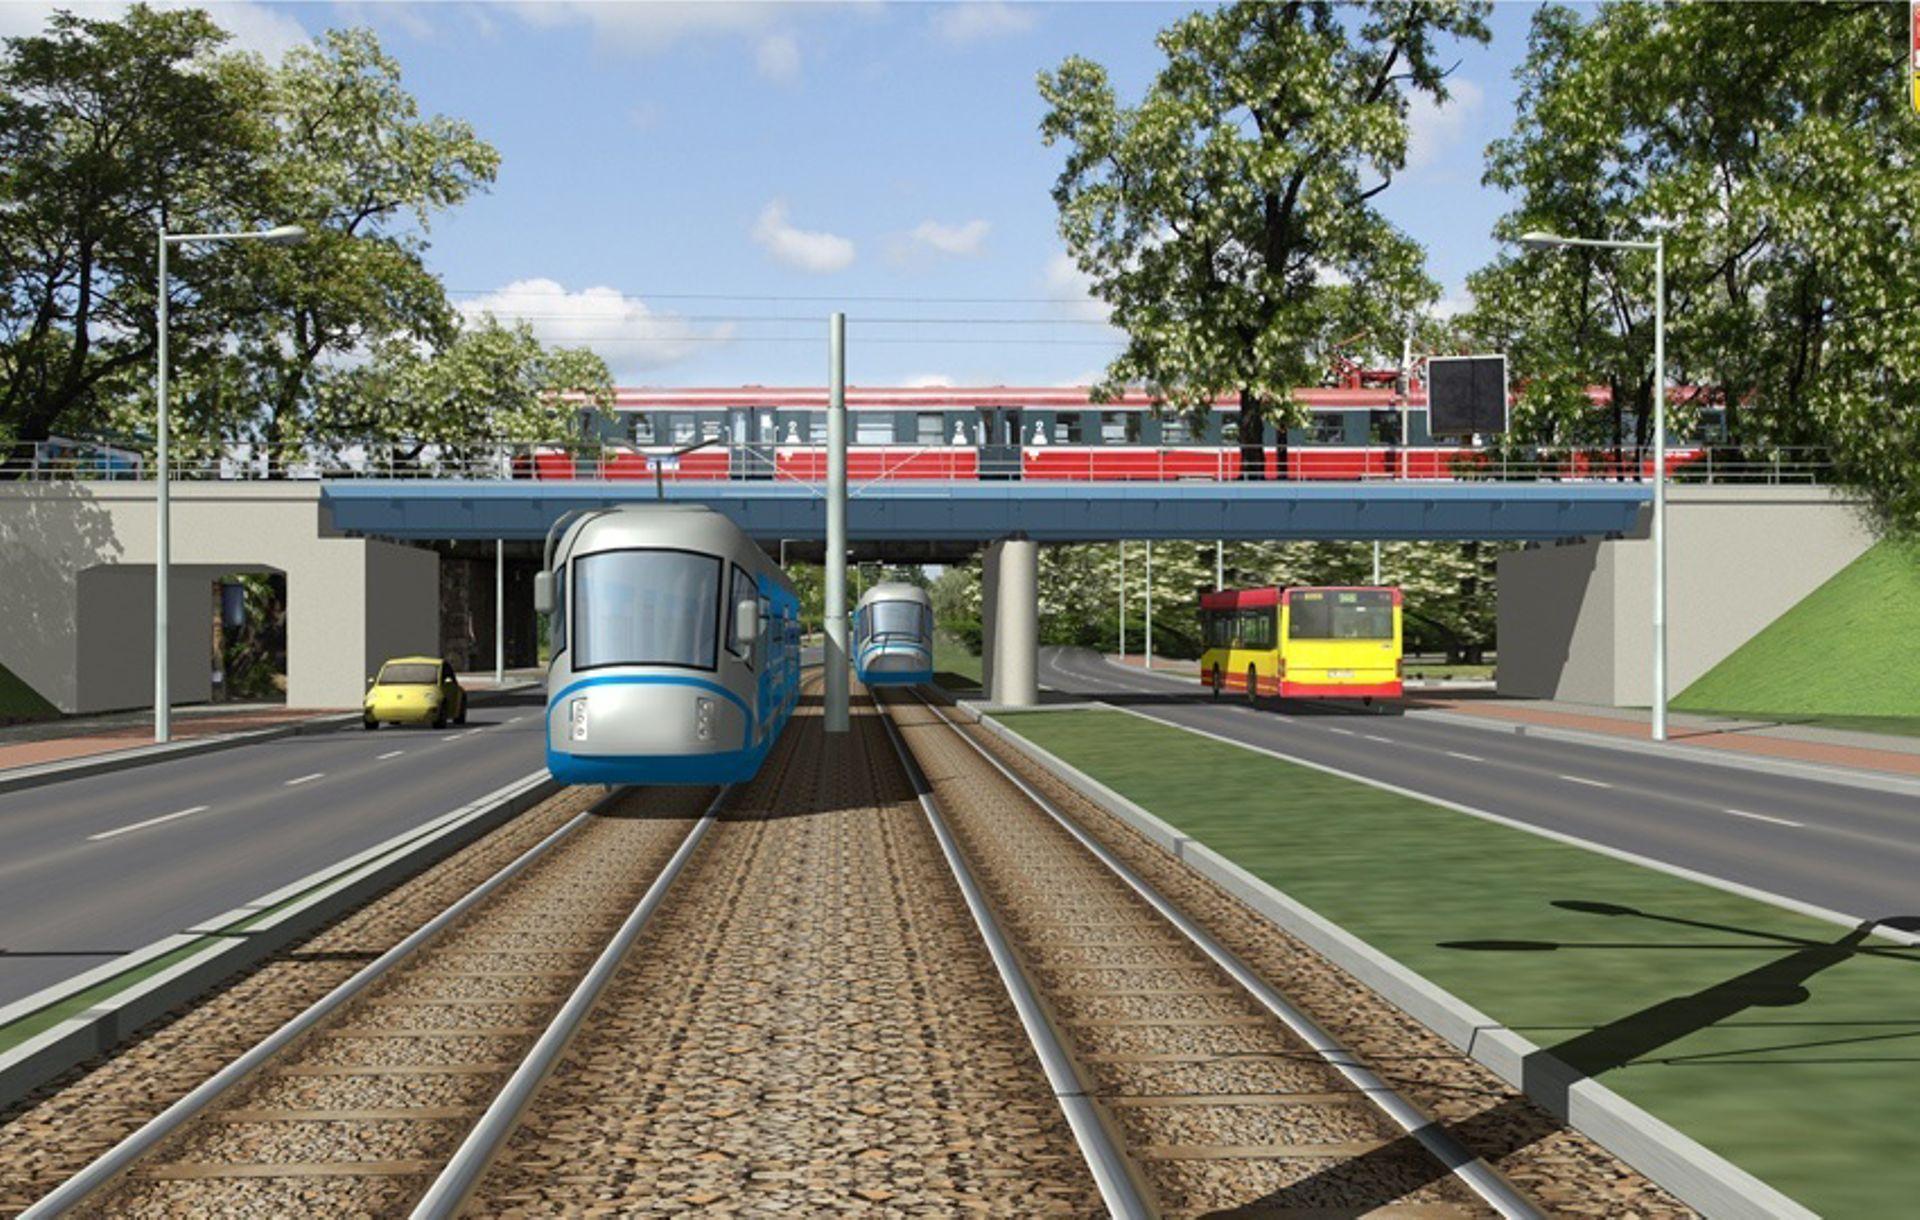 Wrocław: PKP szukają nadzorcy budowy przystanku na Szczepinie